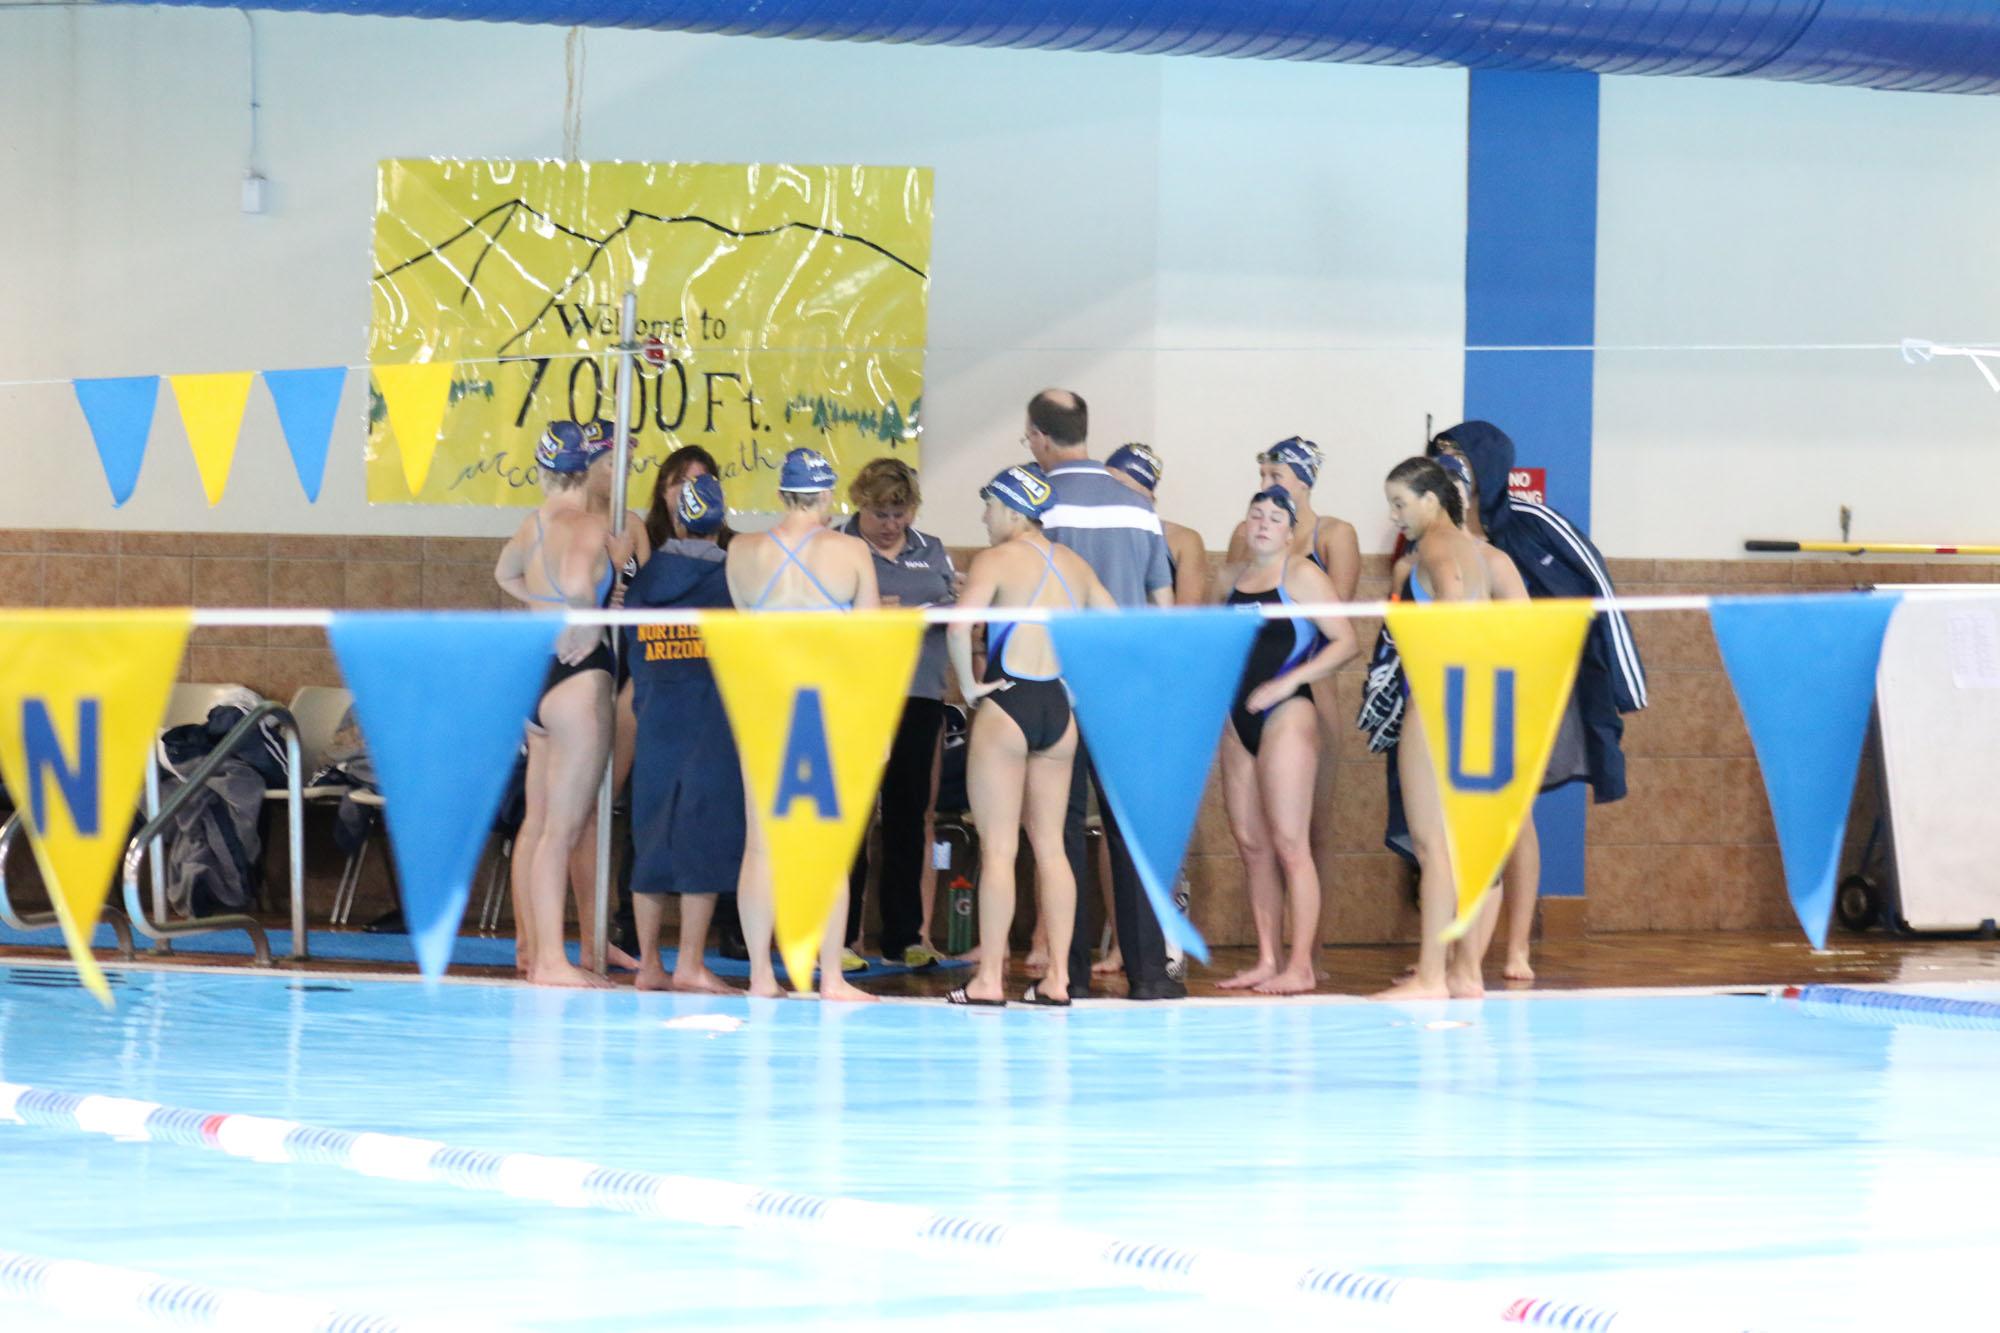 NAU Swim and Dive at the pool